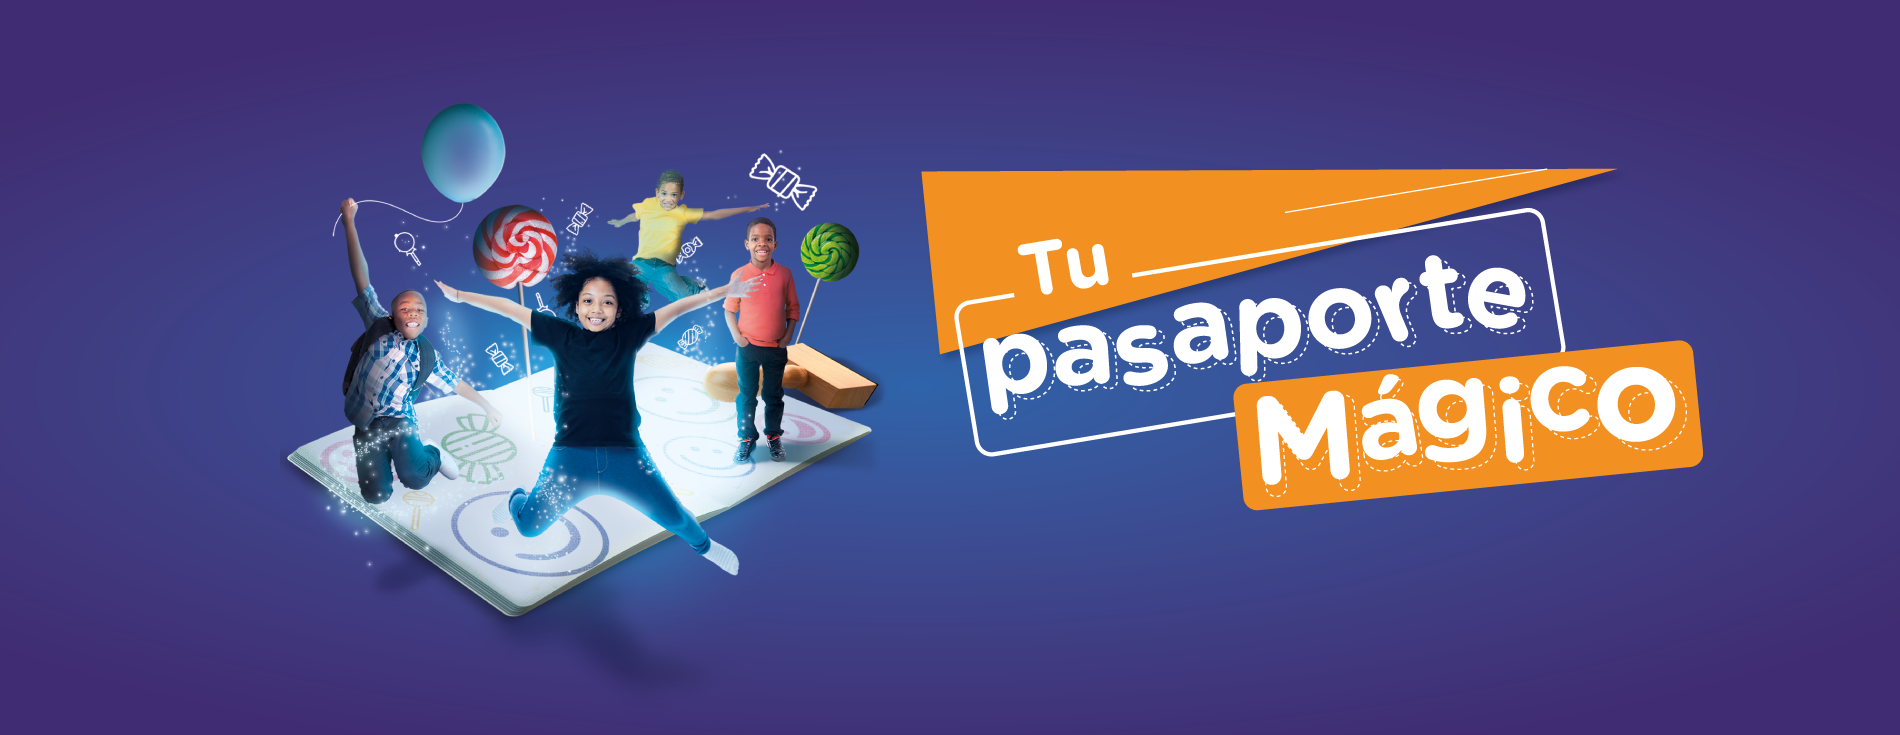 Tu pasaporte mágico - Buenaventura